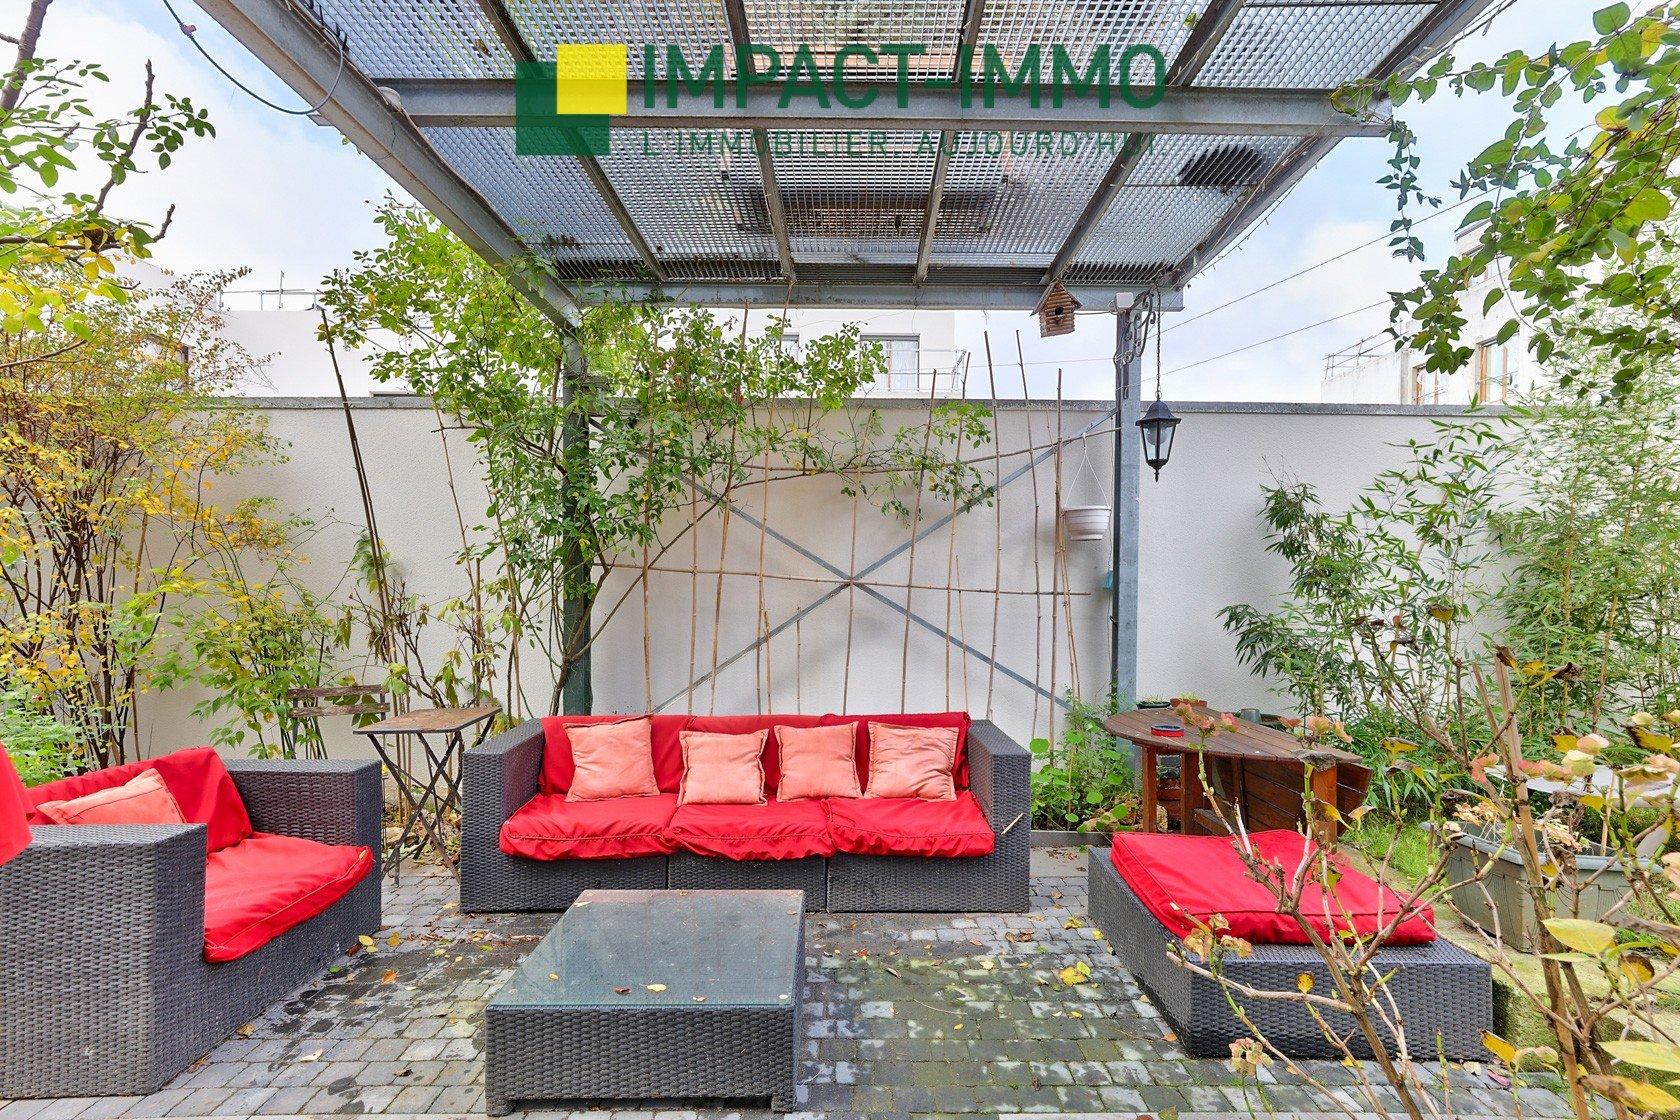 A vendre Maison avec Jardin à Bois-colombes